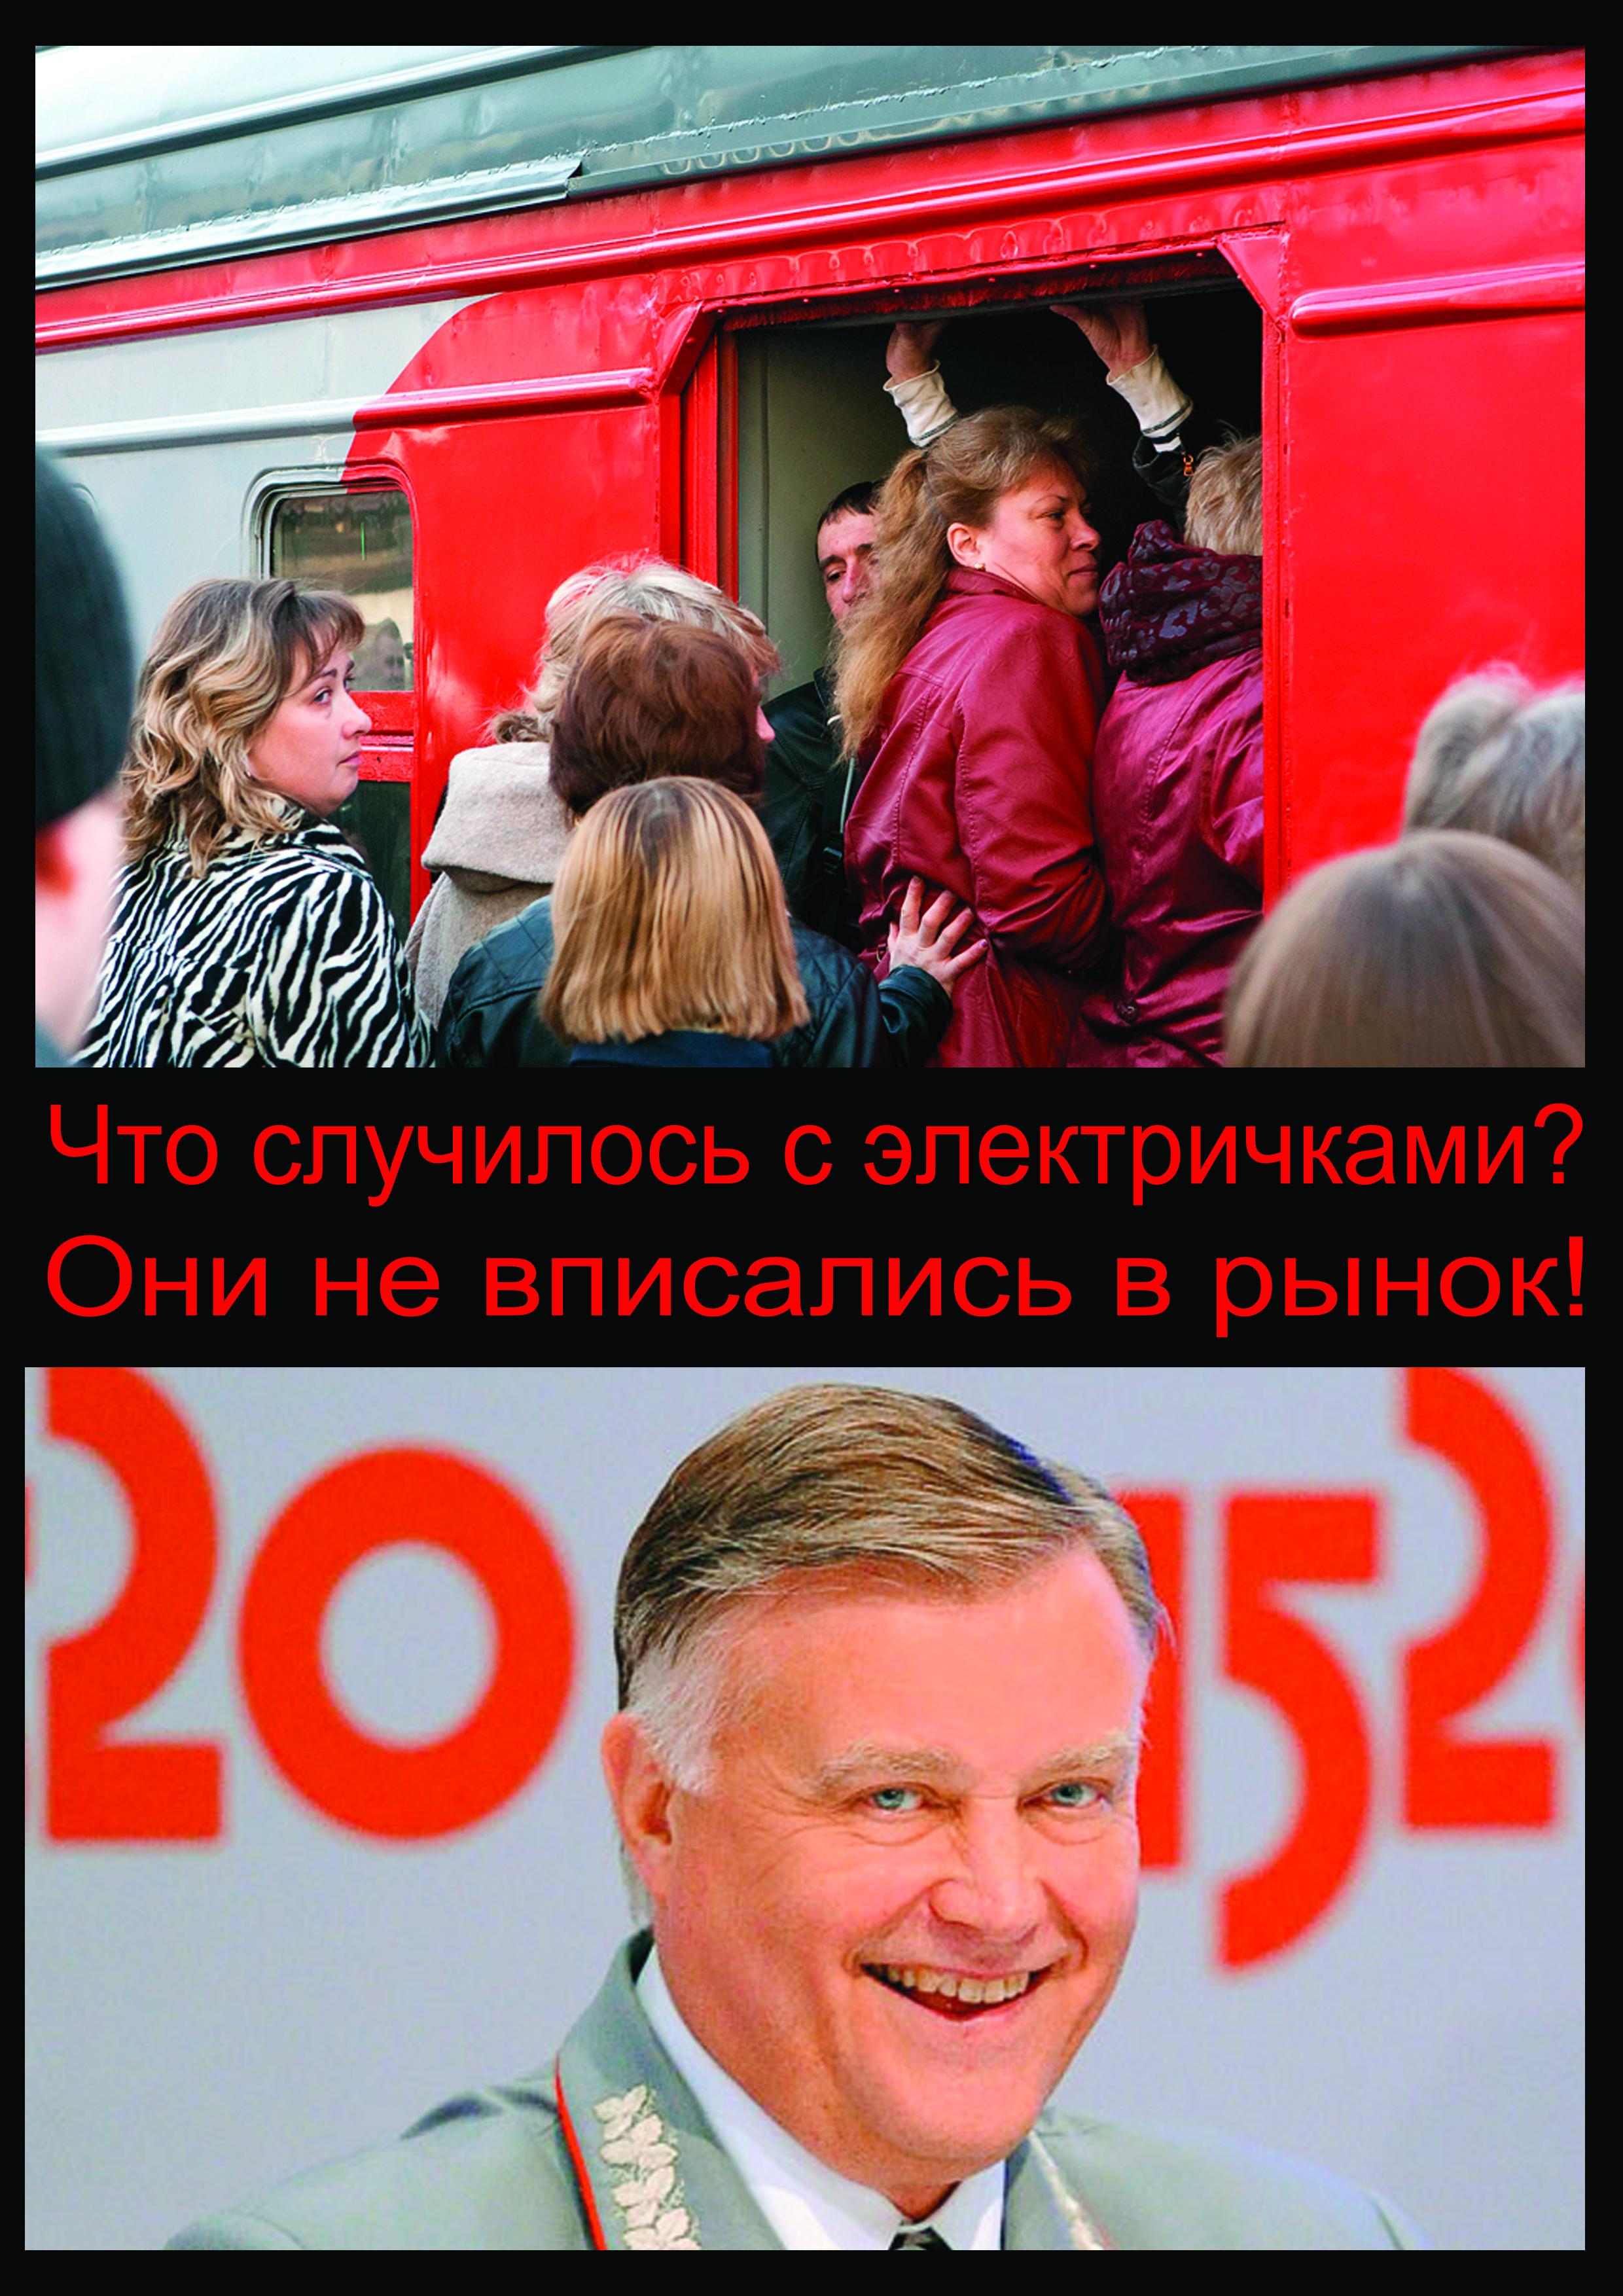 РЖД, Якунин, электрички, не вписался в рынок, капитализм, КПРФ